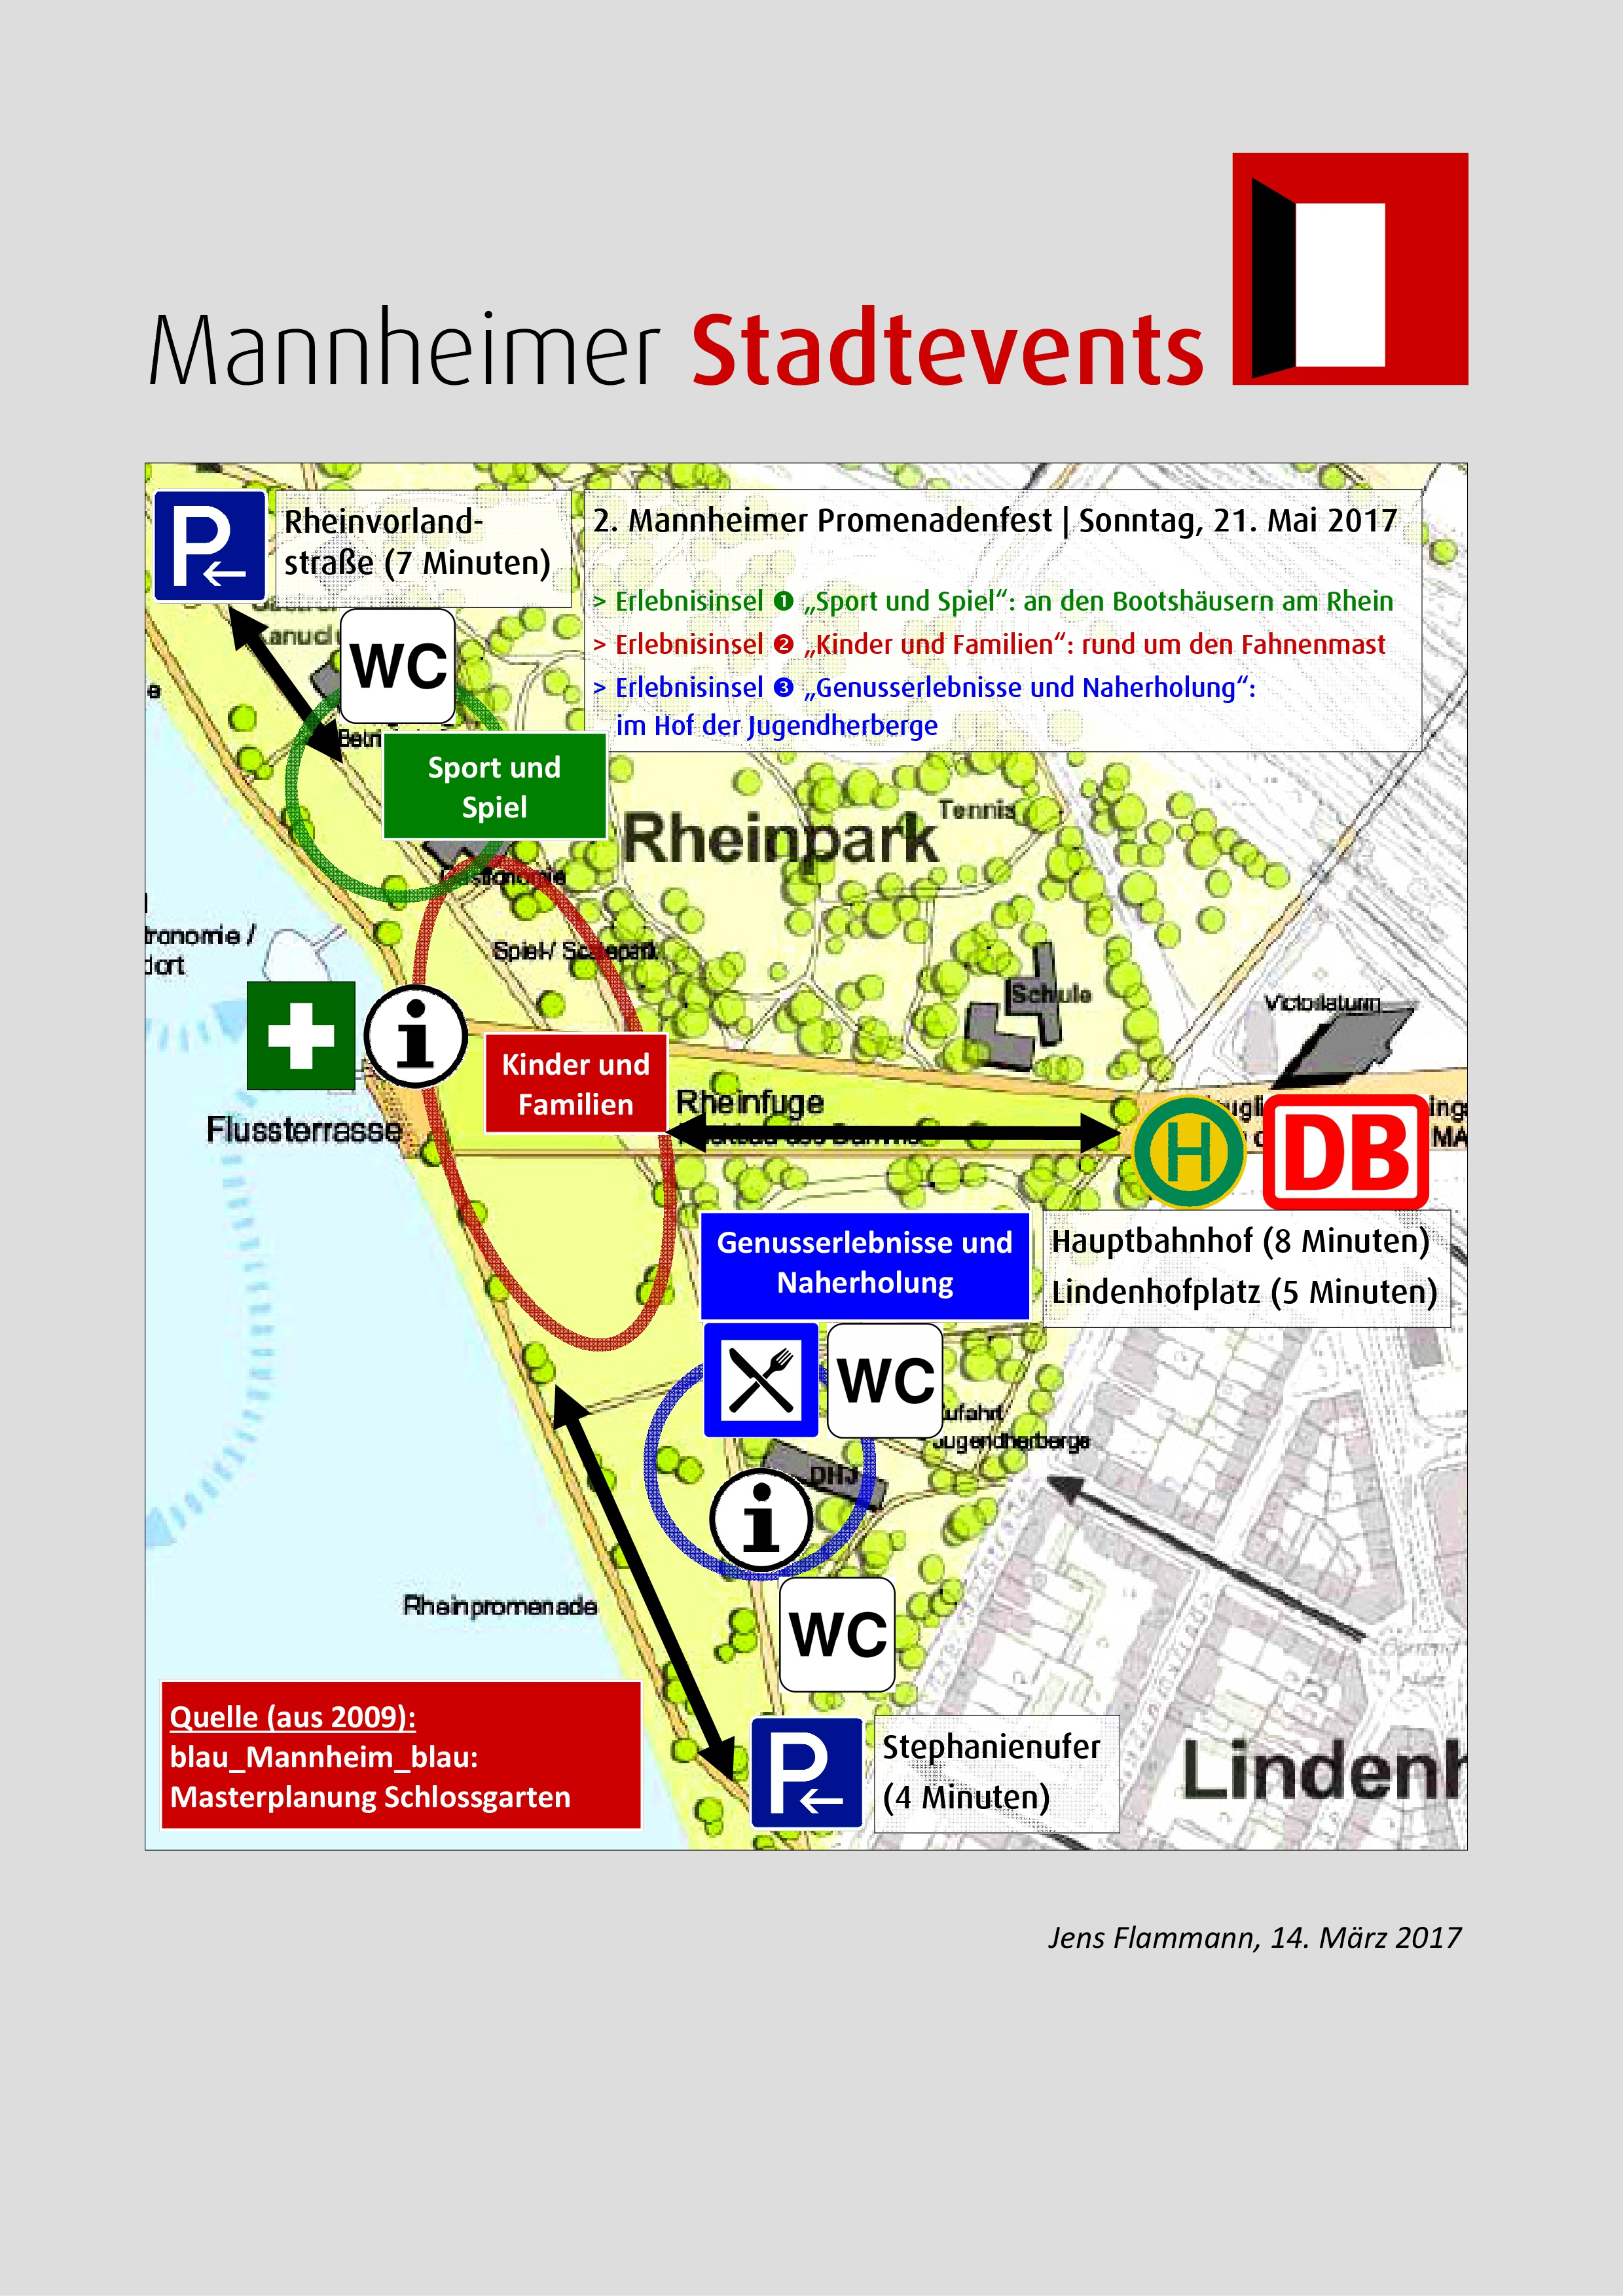 2 mannheimer promenadenfest weinverkostung und weinausschank wine4friends wine4friends. Black Bedroom Furniture Sets. Home Design Ideas